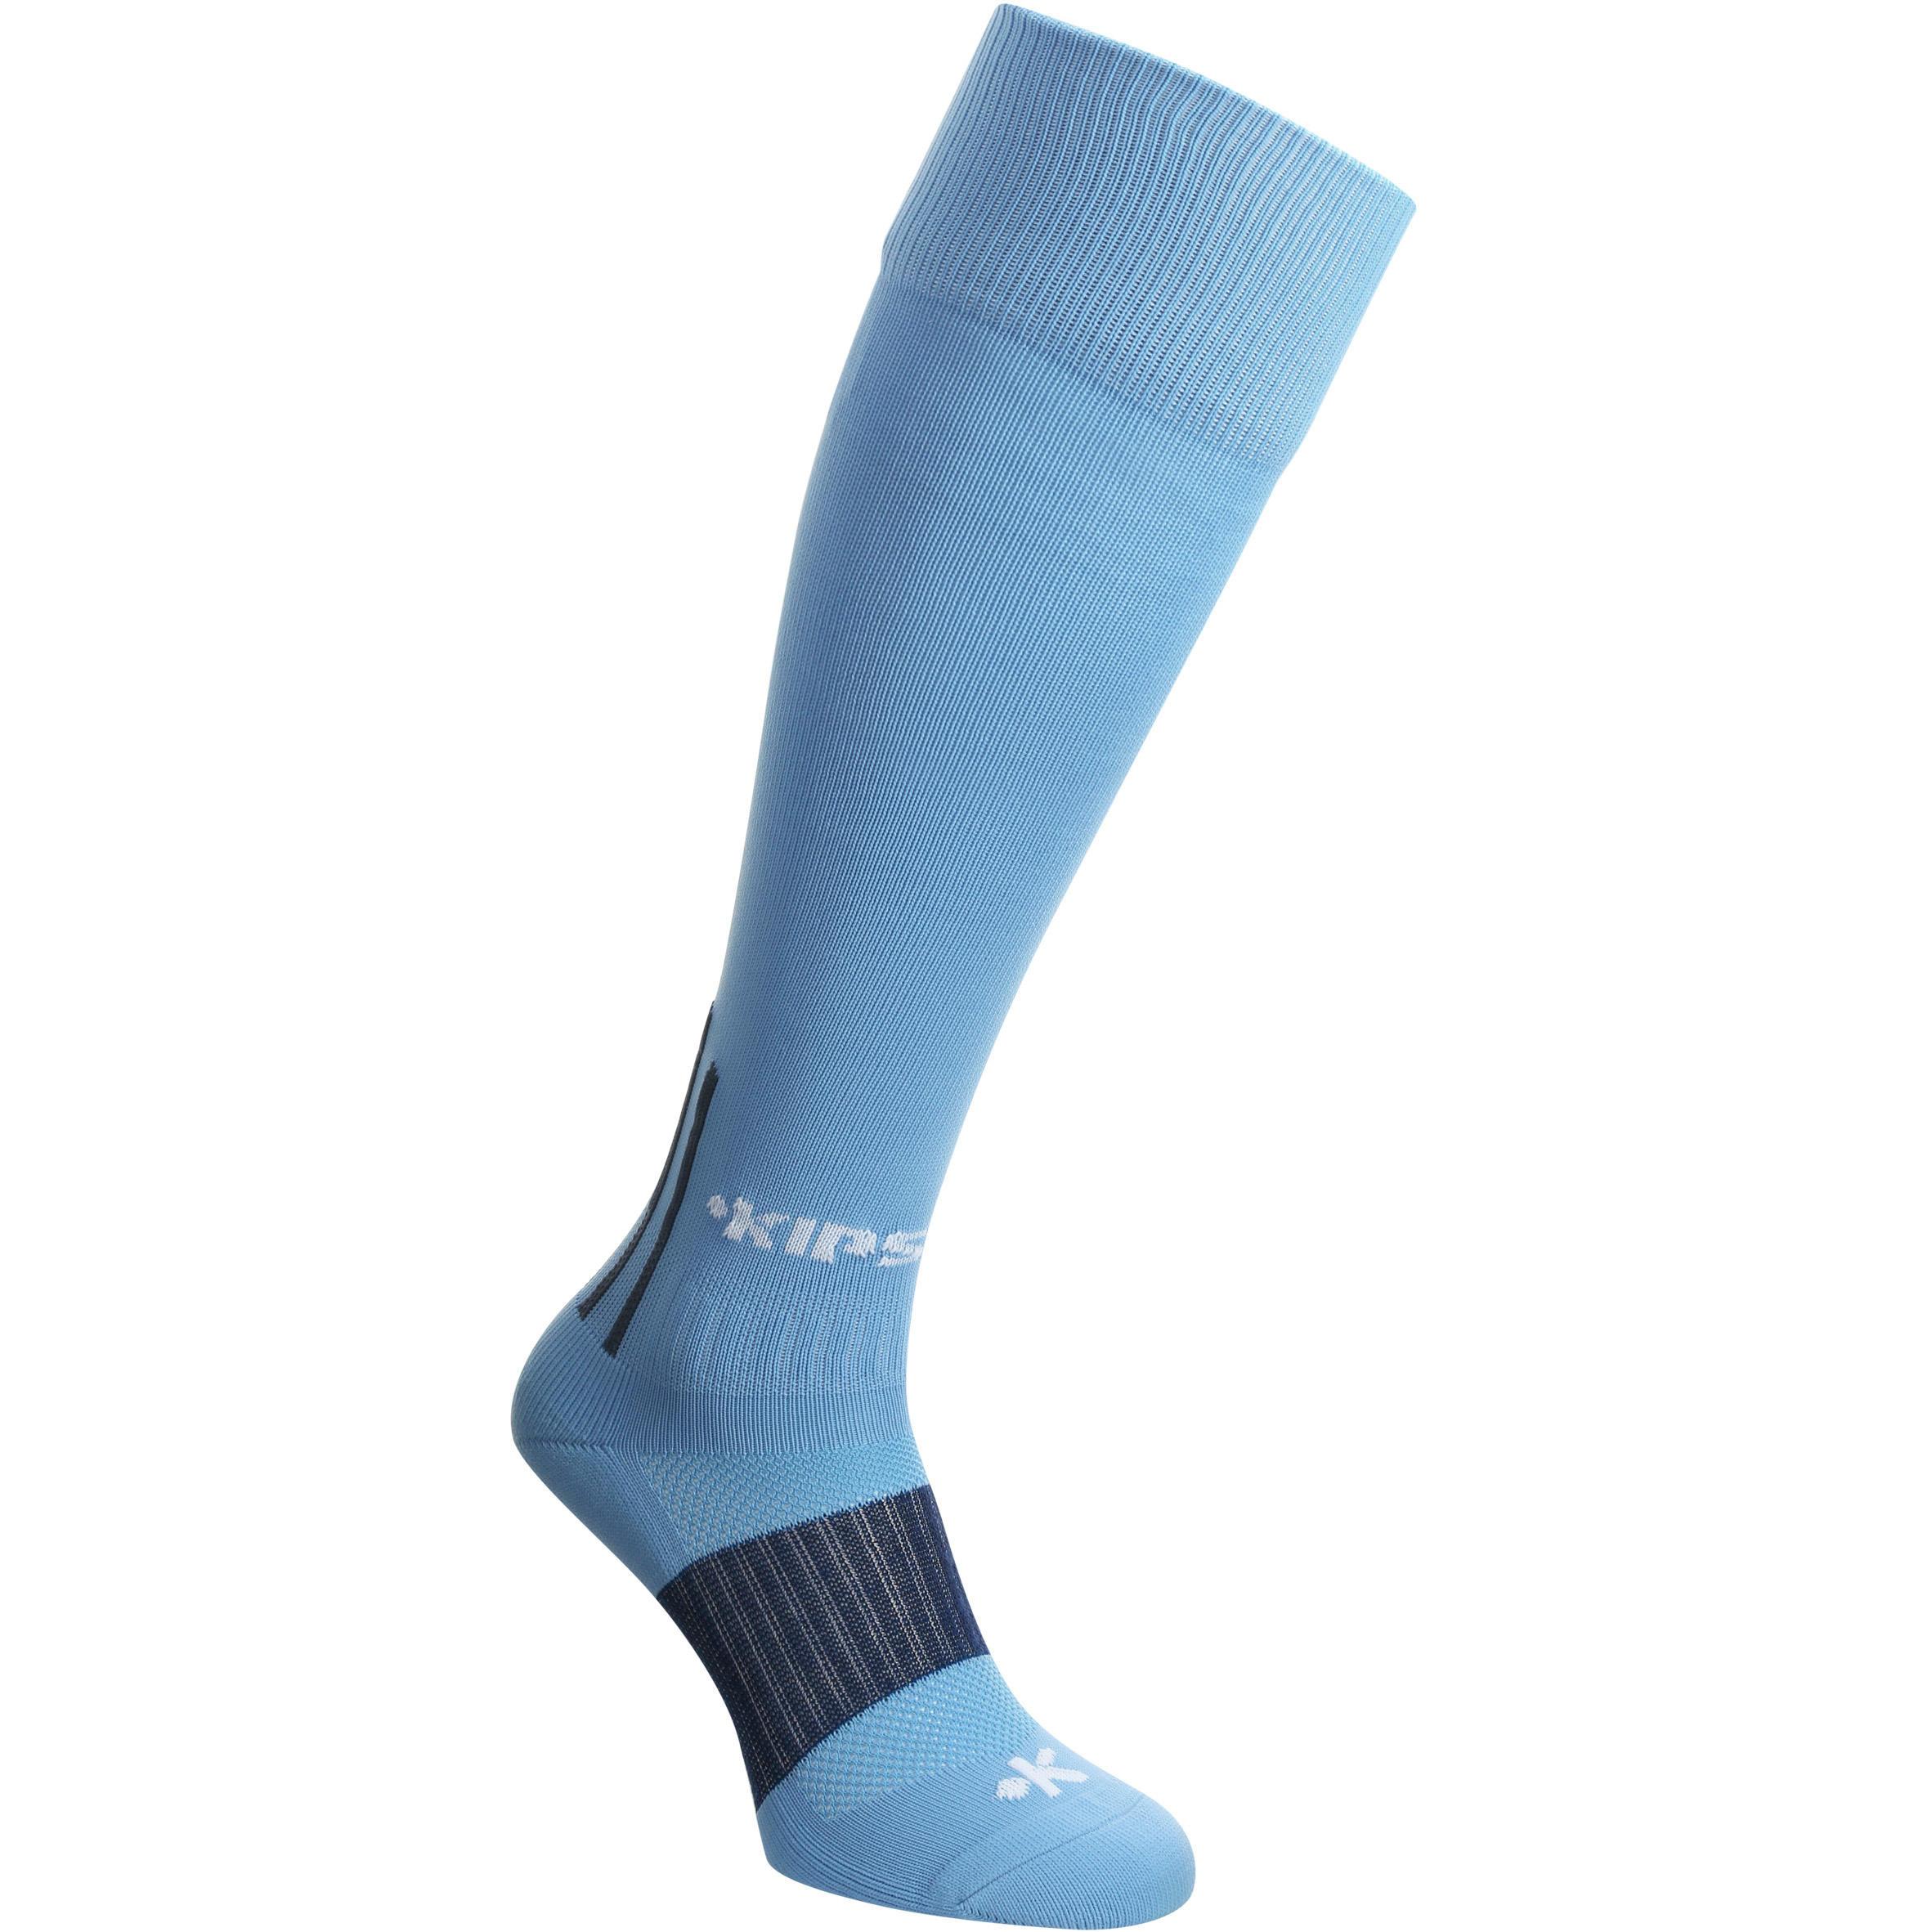 Medias largas de fútbol adulto F 500 azul claro